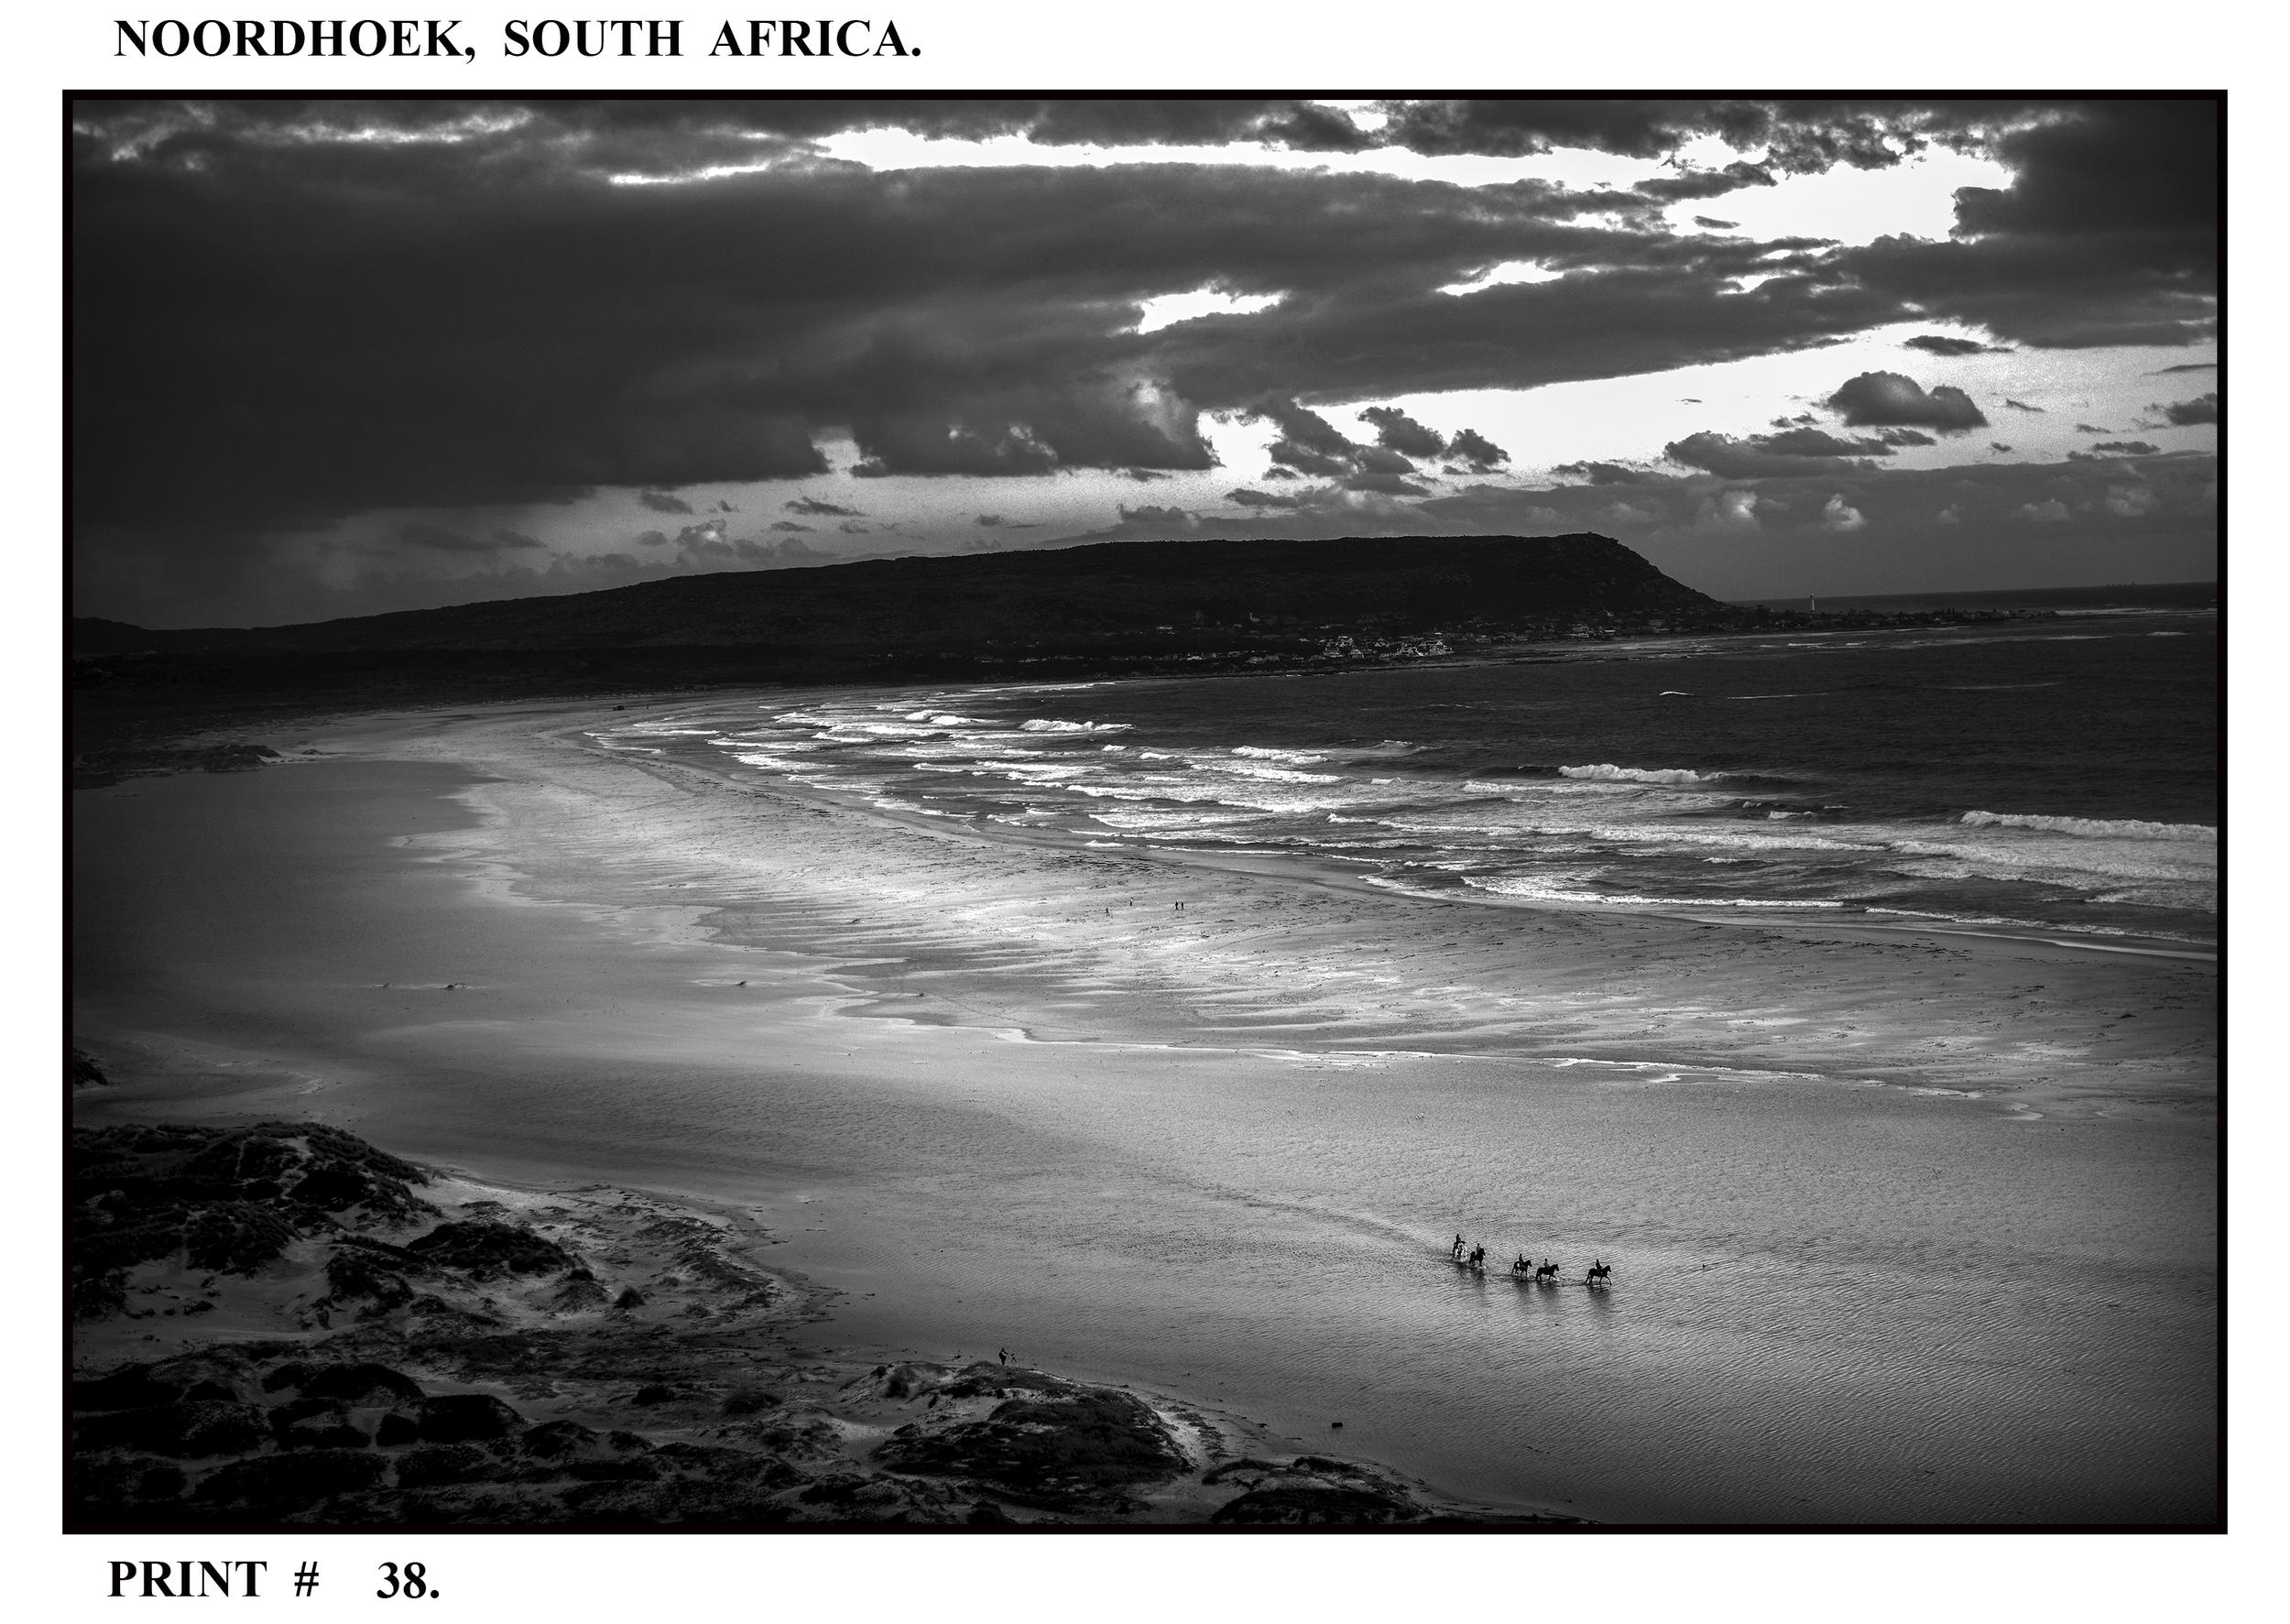 038NOORDHOEK, SOUTH AFRICA copy.jpg